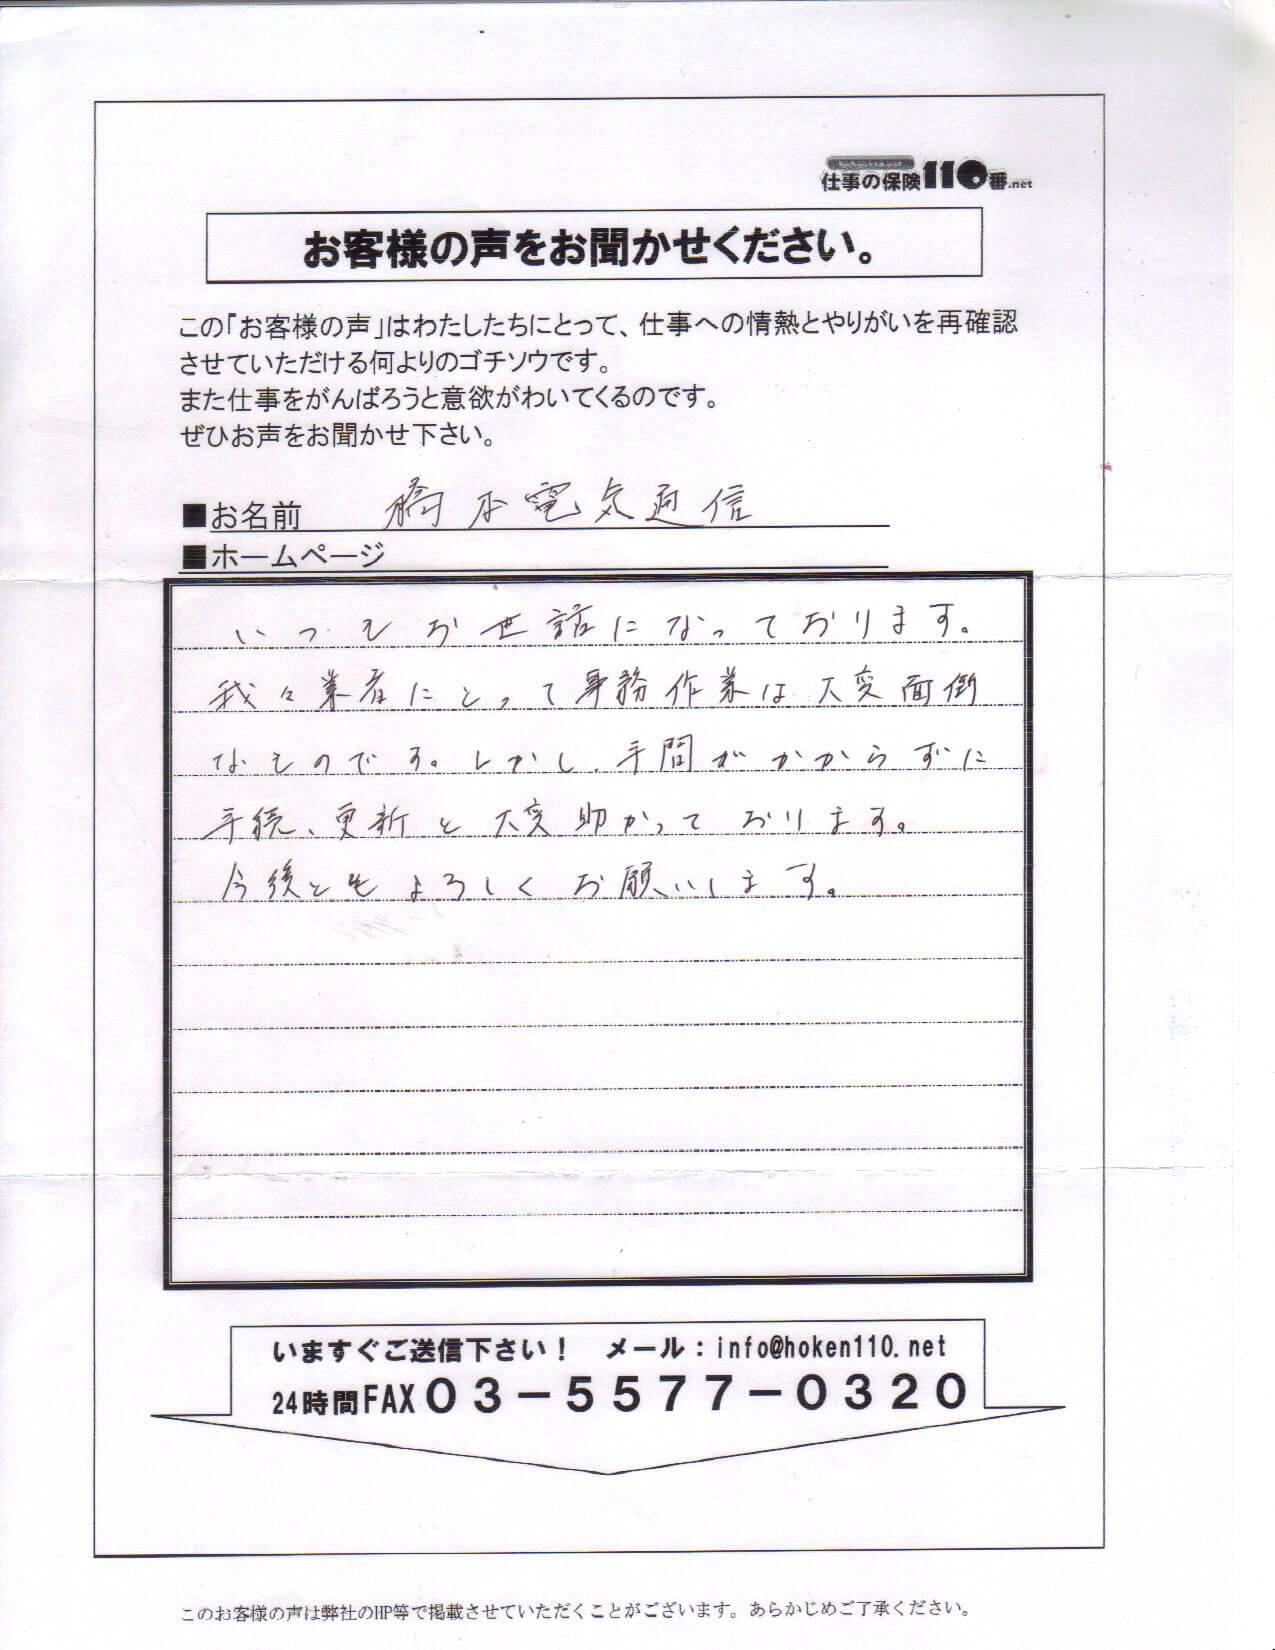 2010-06-01 18;48;40.jpg